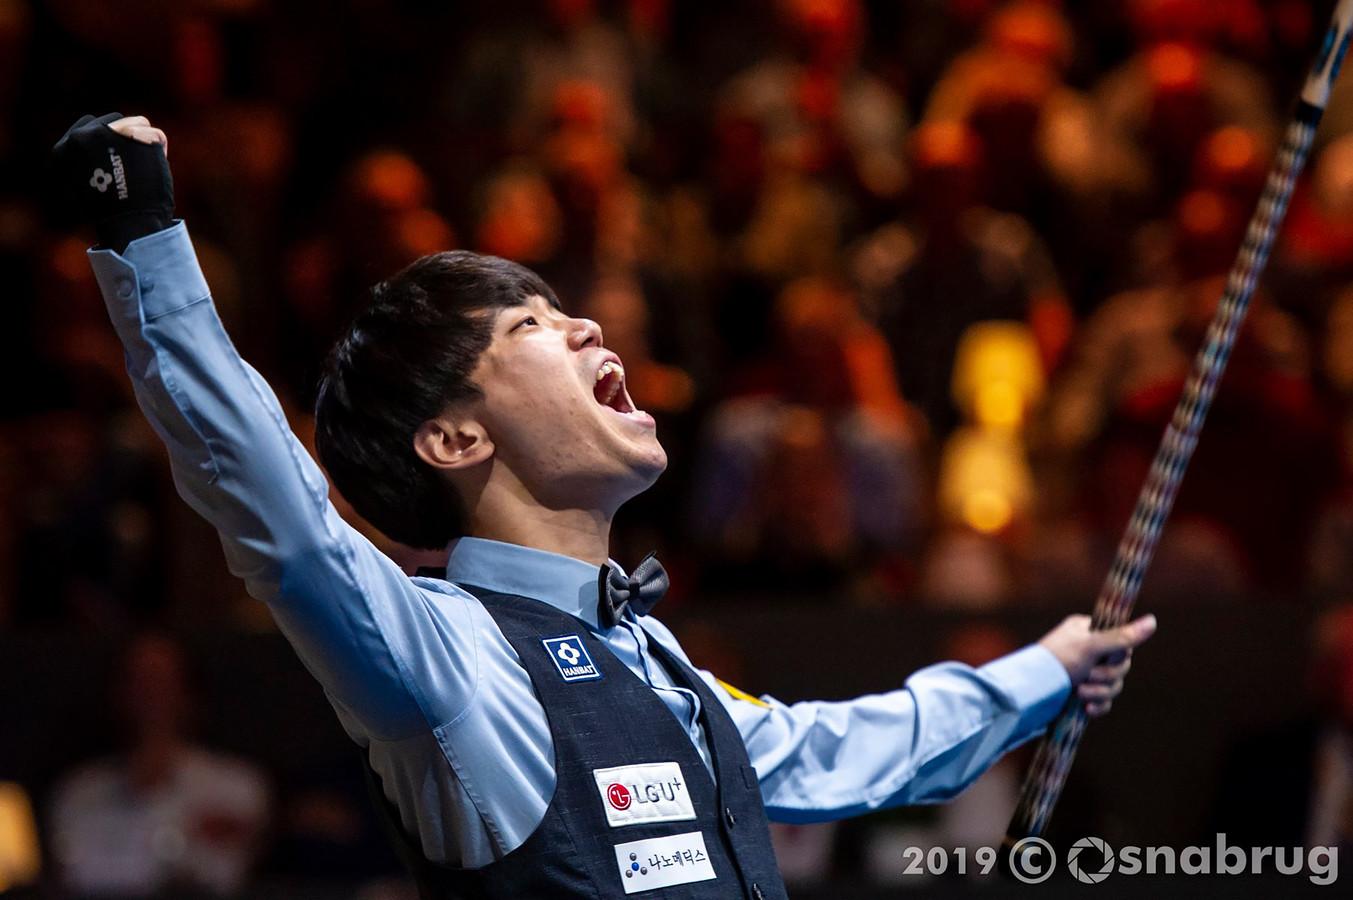 Haeng Jik Kim schreeuwt het uit na zijn wereldbekerzege in Veghel van vorig jaar.